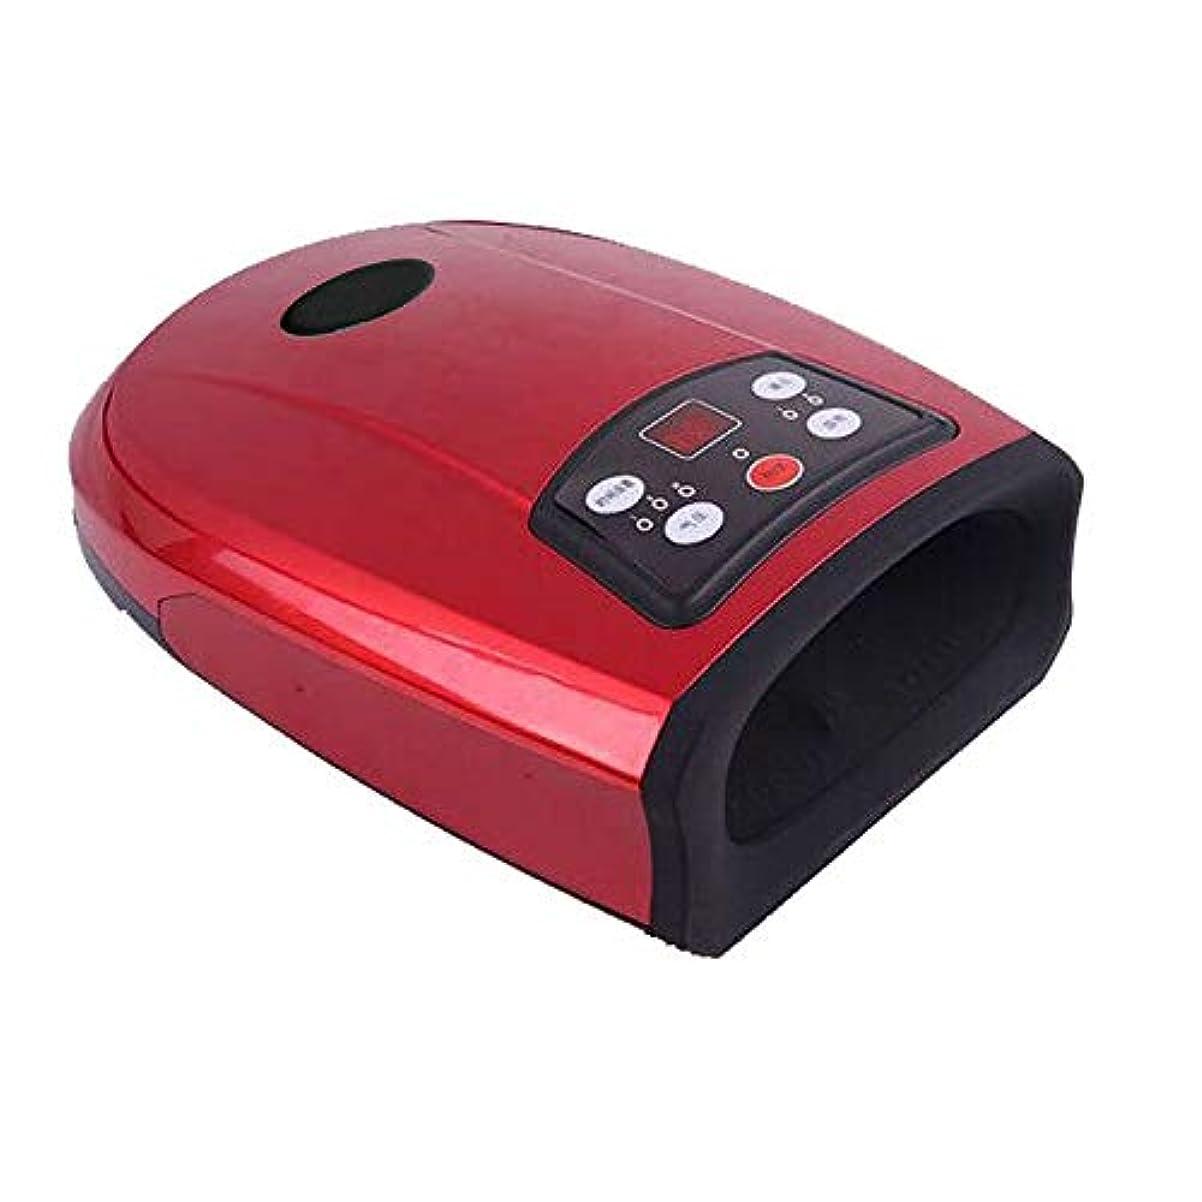 血色の良い保持フラフープ指のための空気圧熱圧縮装置が付いている指圧のやし手のマッサージ緊張のしびれの救助および血の循環の加速,Red